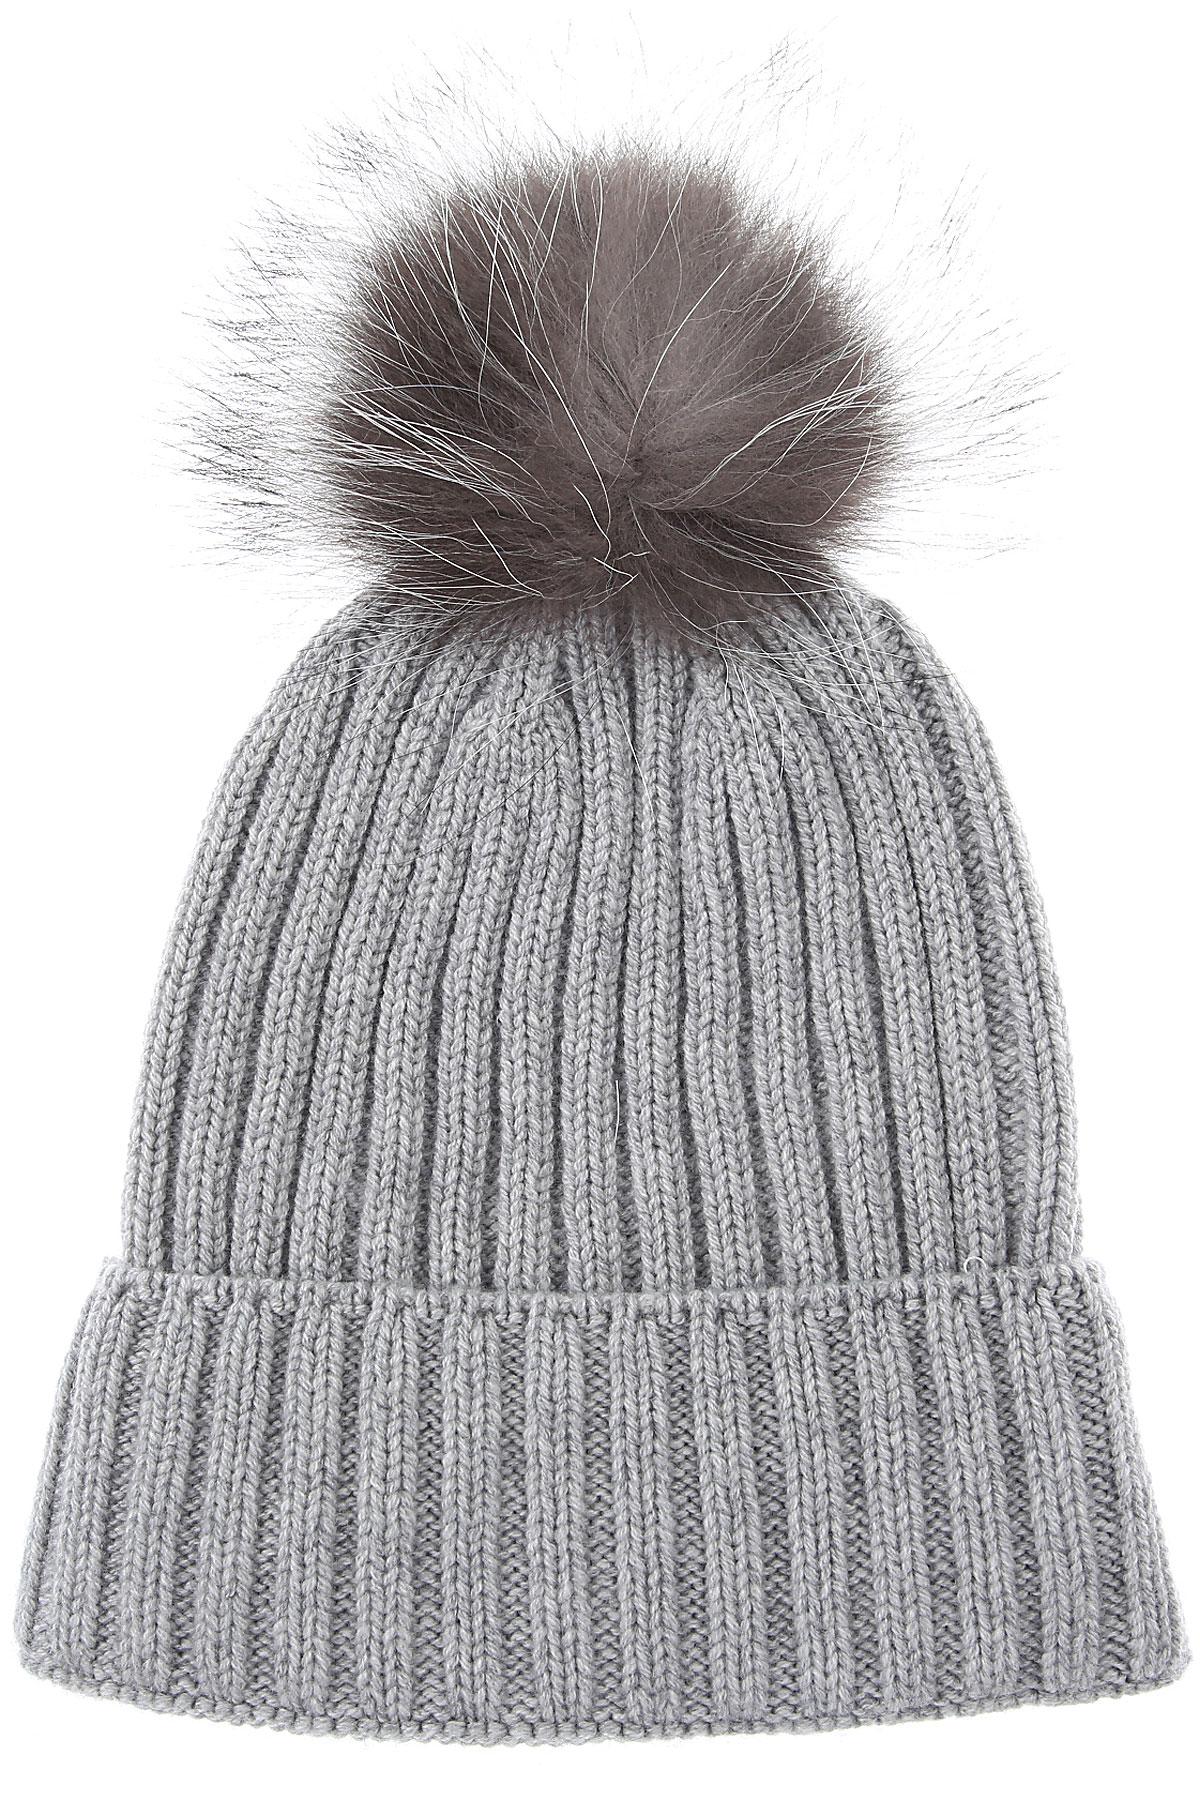 Fabiana Filippi Hat for Women On Sale, Grey, Wool, 2019